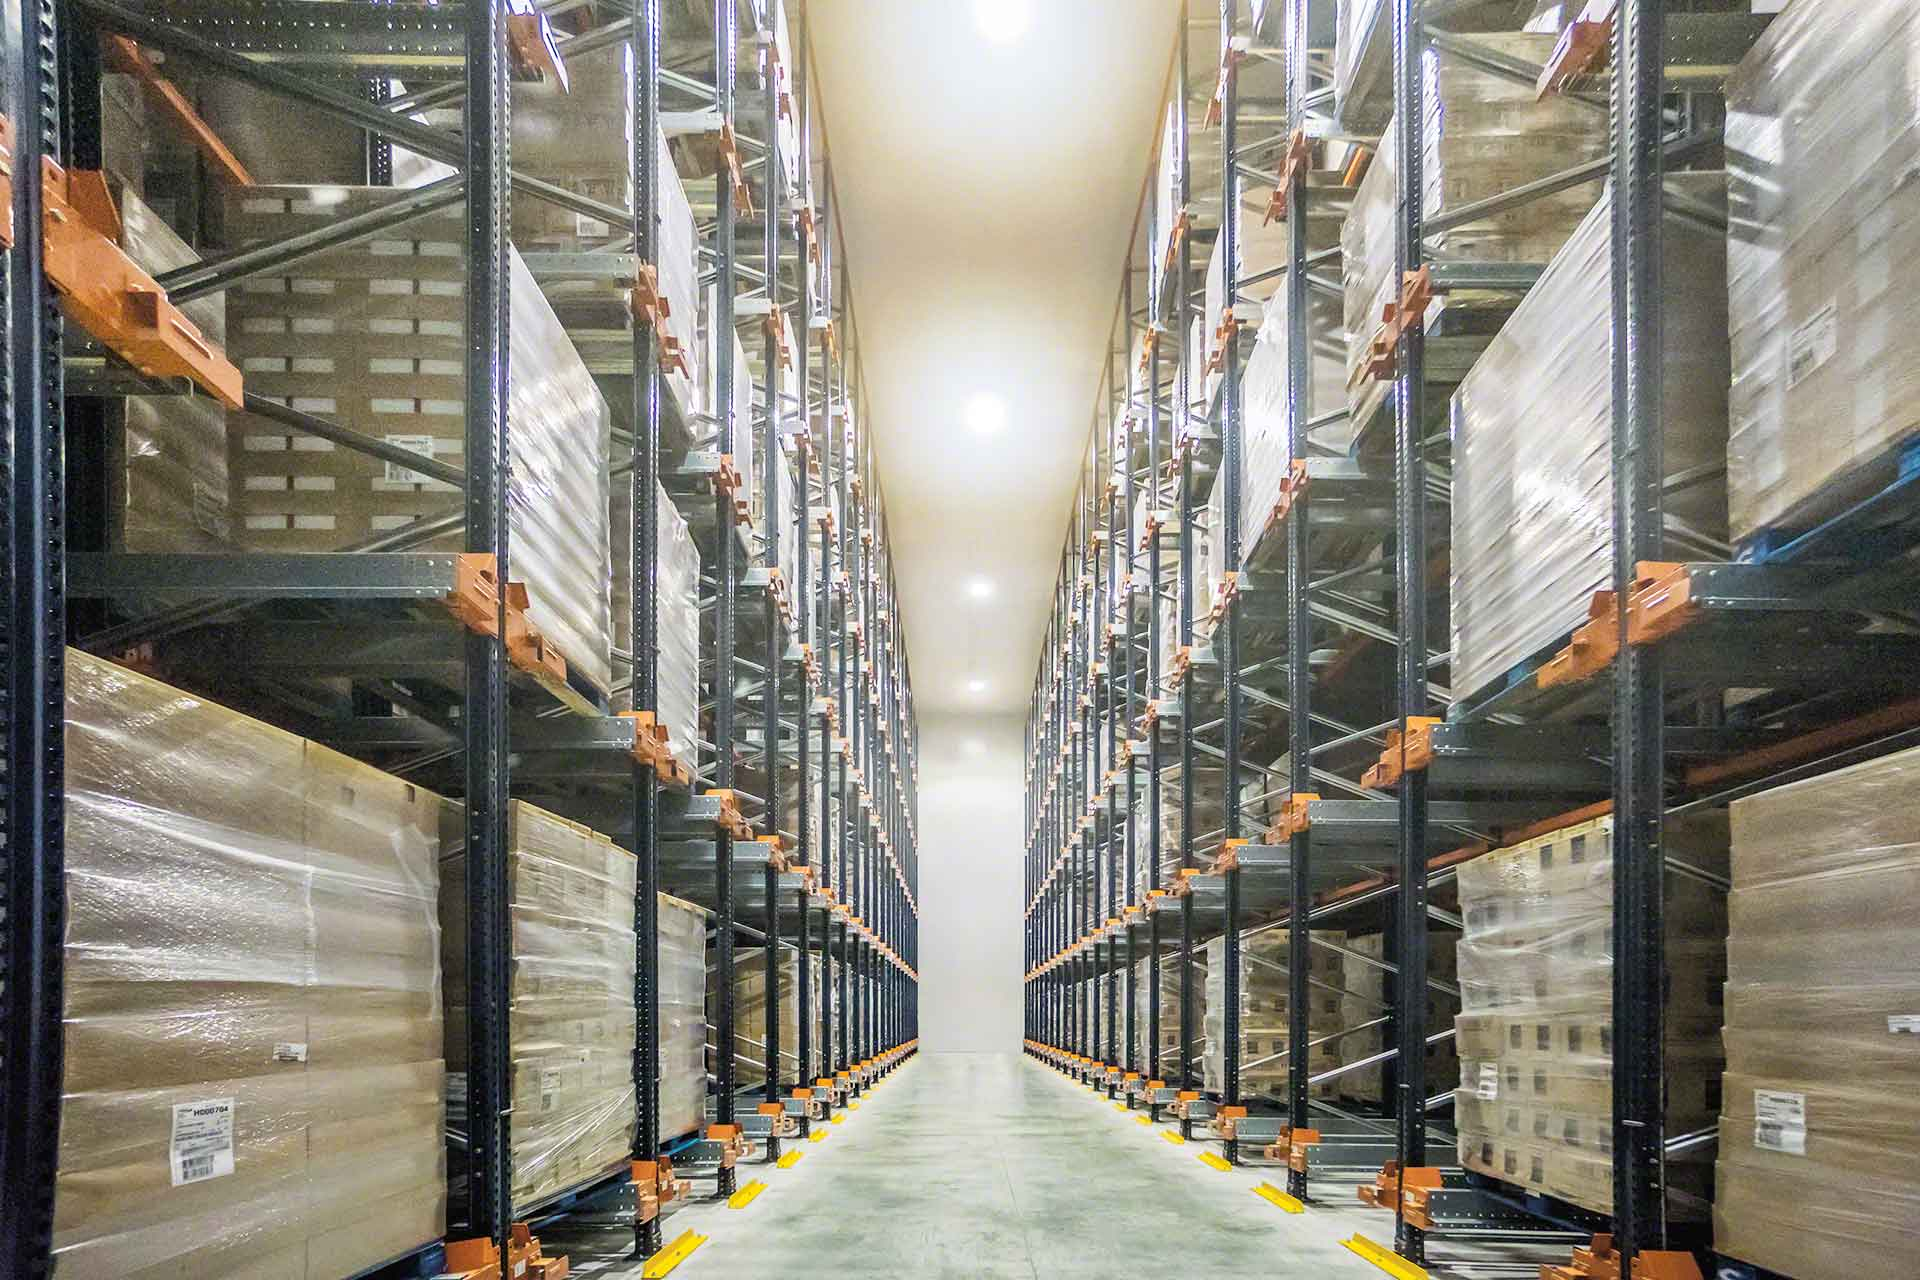 Le stock minimum garantit le réapprovisionnement continue des marchandises